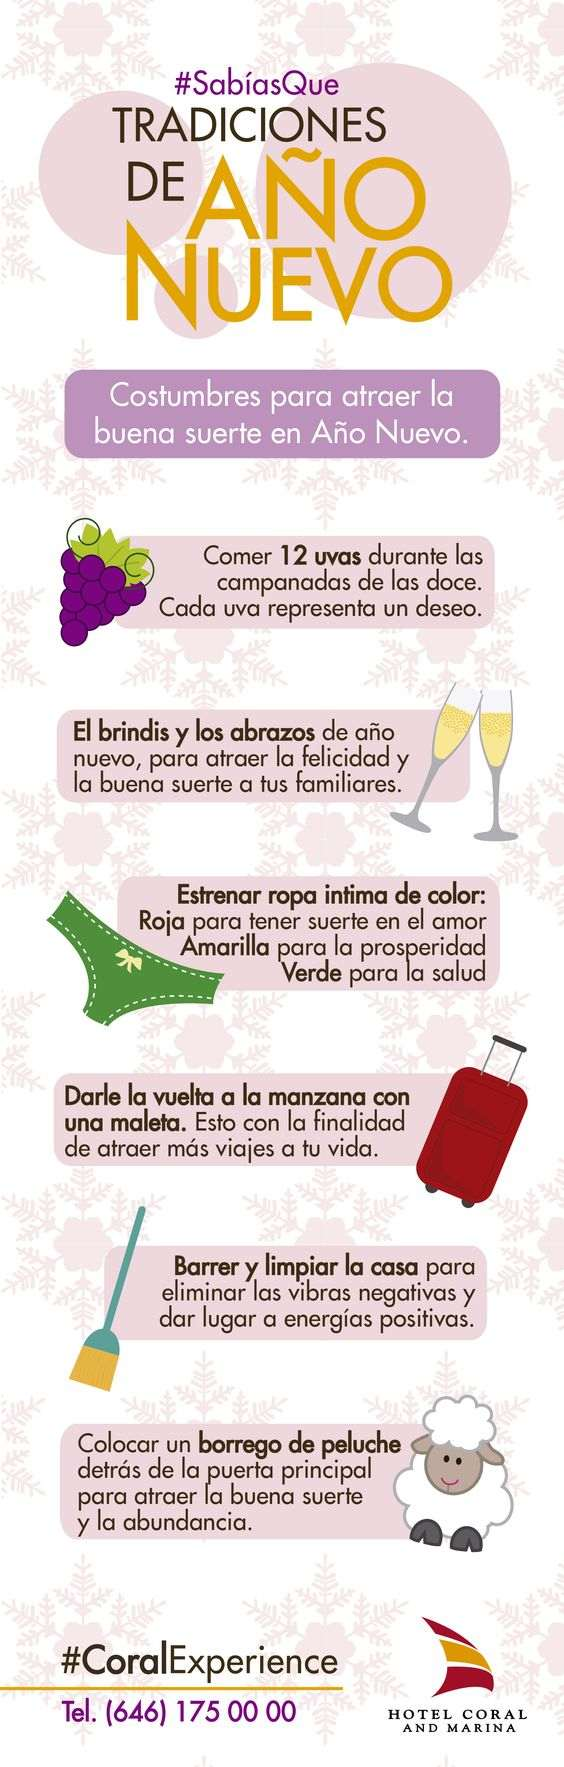 Tarjetas Postales Virtuales con Frases de Feliz Año Nuevo 2018